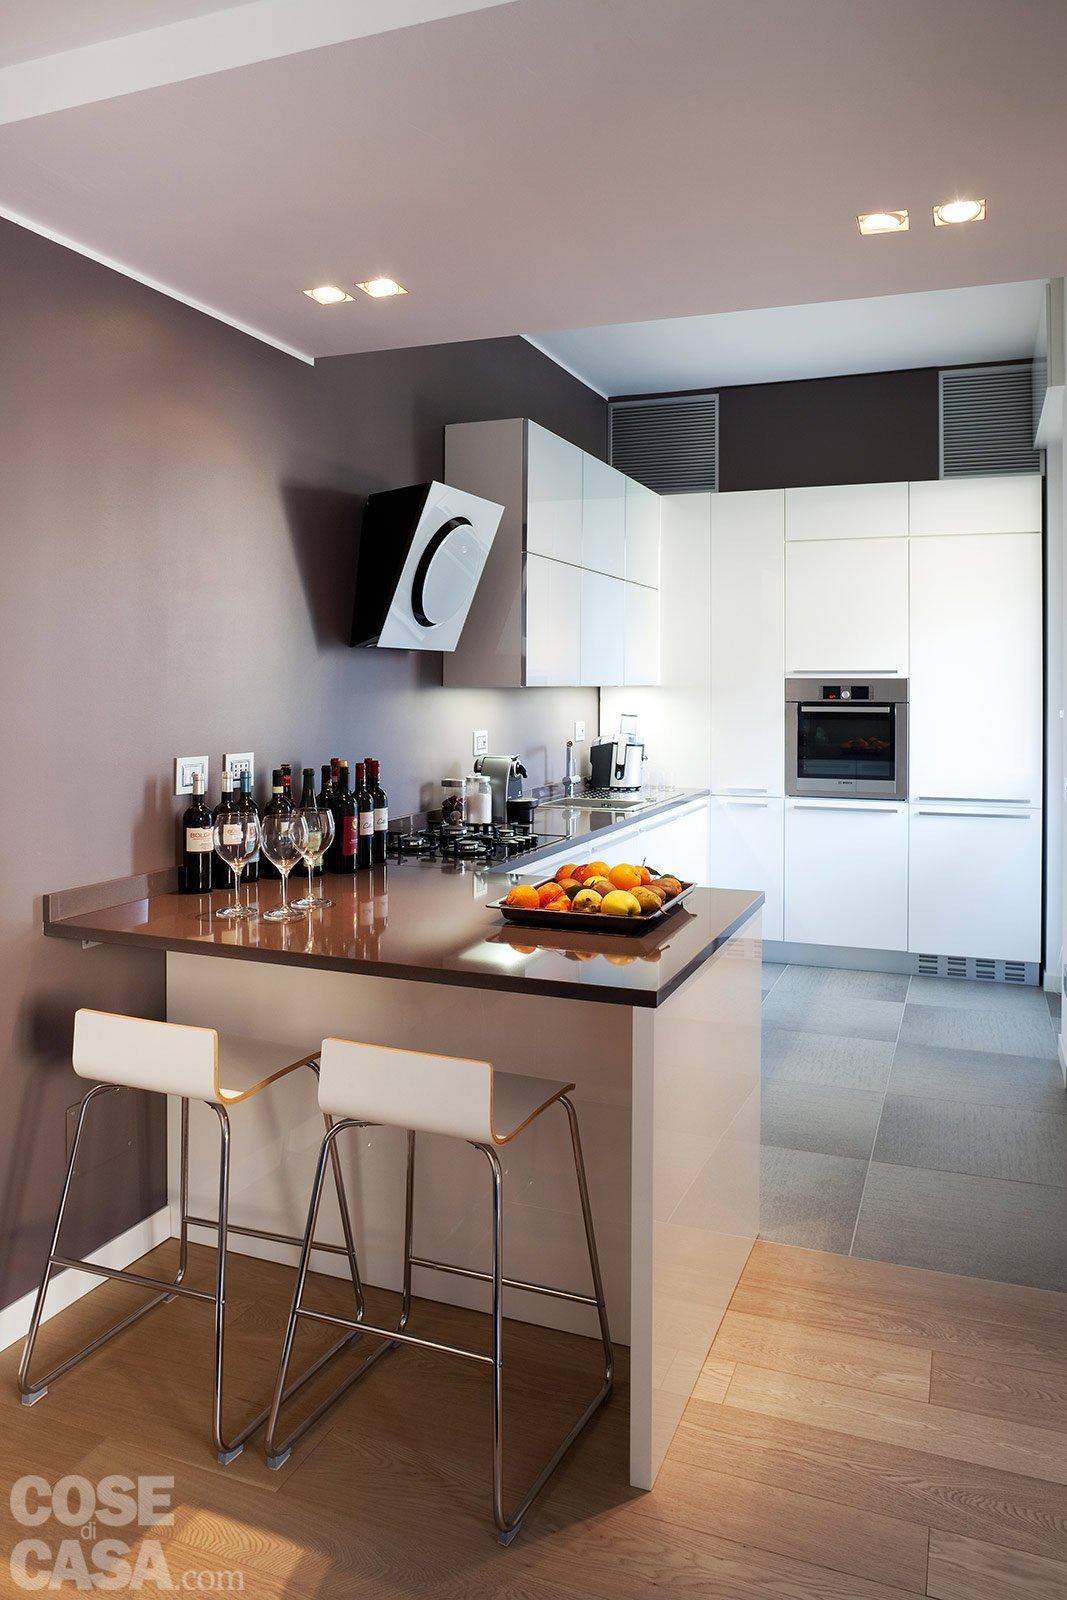 Forum cucina soggiorno - Ikea penisola cucina ...